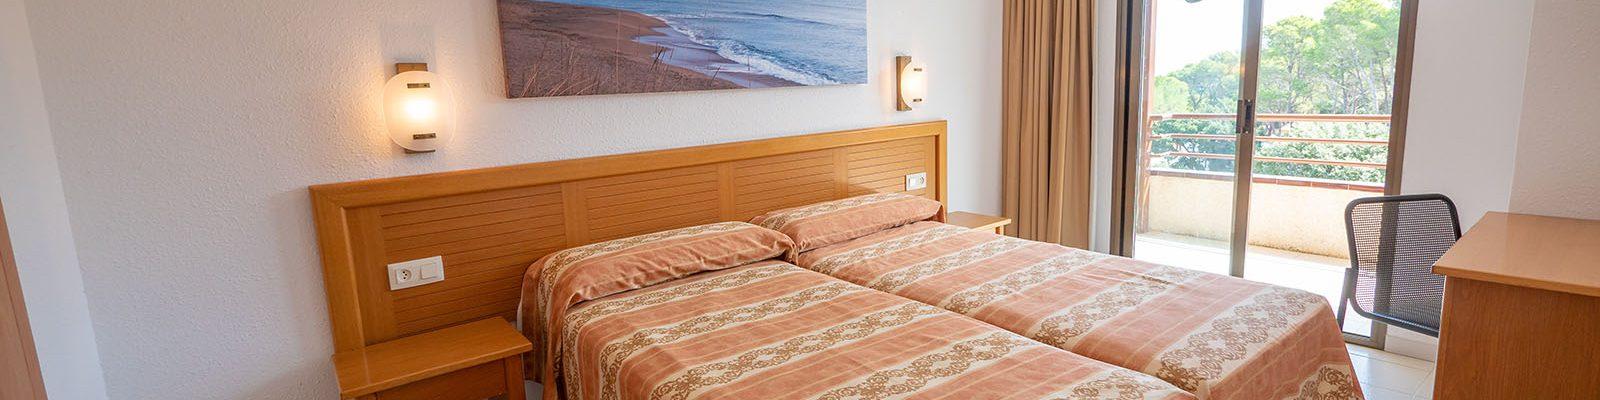 Apartamento D Dormitorio